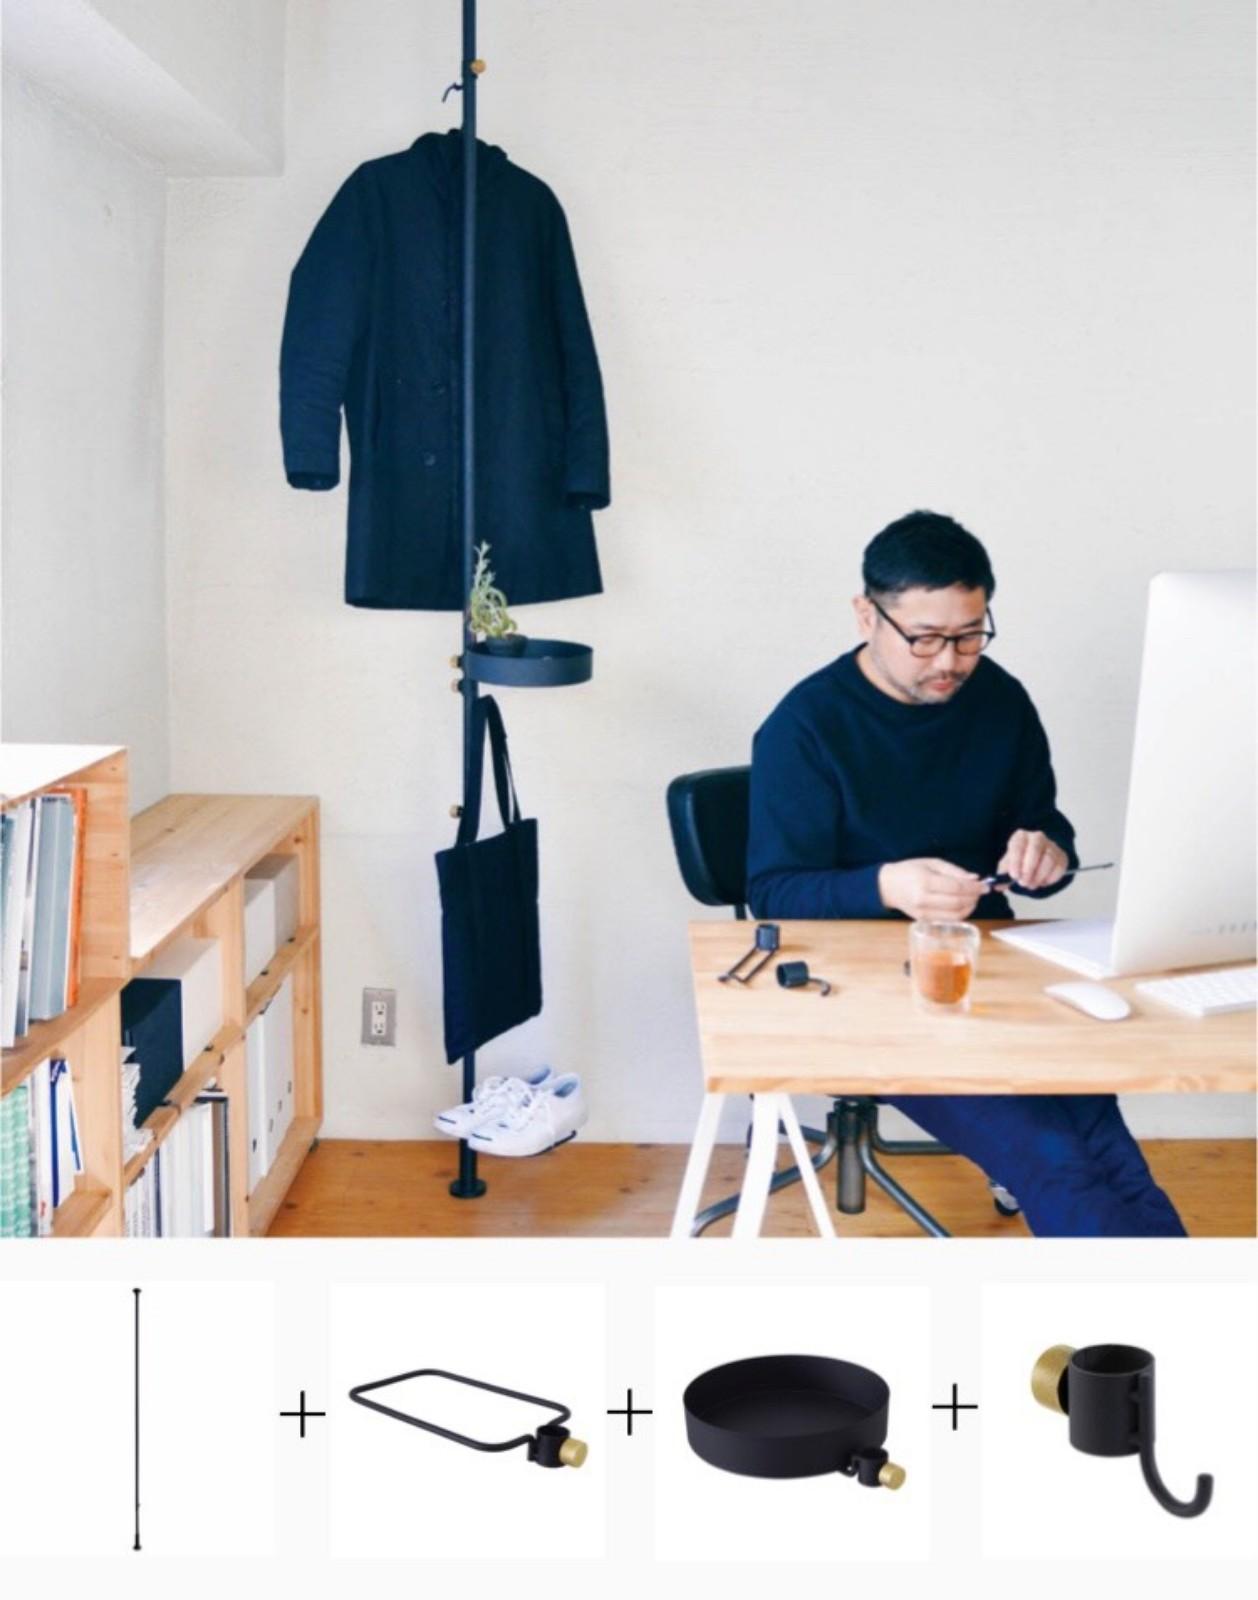 突っ張り棒のトップシェアメーカーである平安伸銅工業とクリエイティブユニットTENTのコラボレーションにより生まれた「DRAW A LINE」シリーズ。おしゃれなデザインと豊富なパーツが人気です(詳細はこちら)